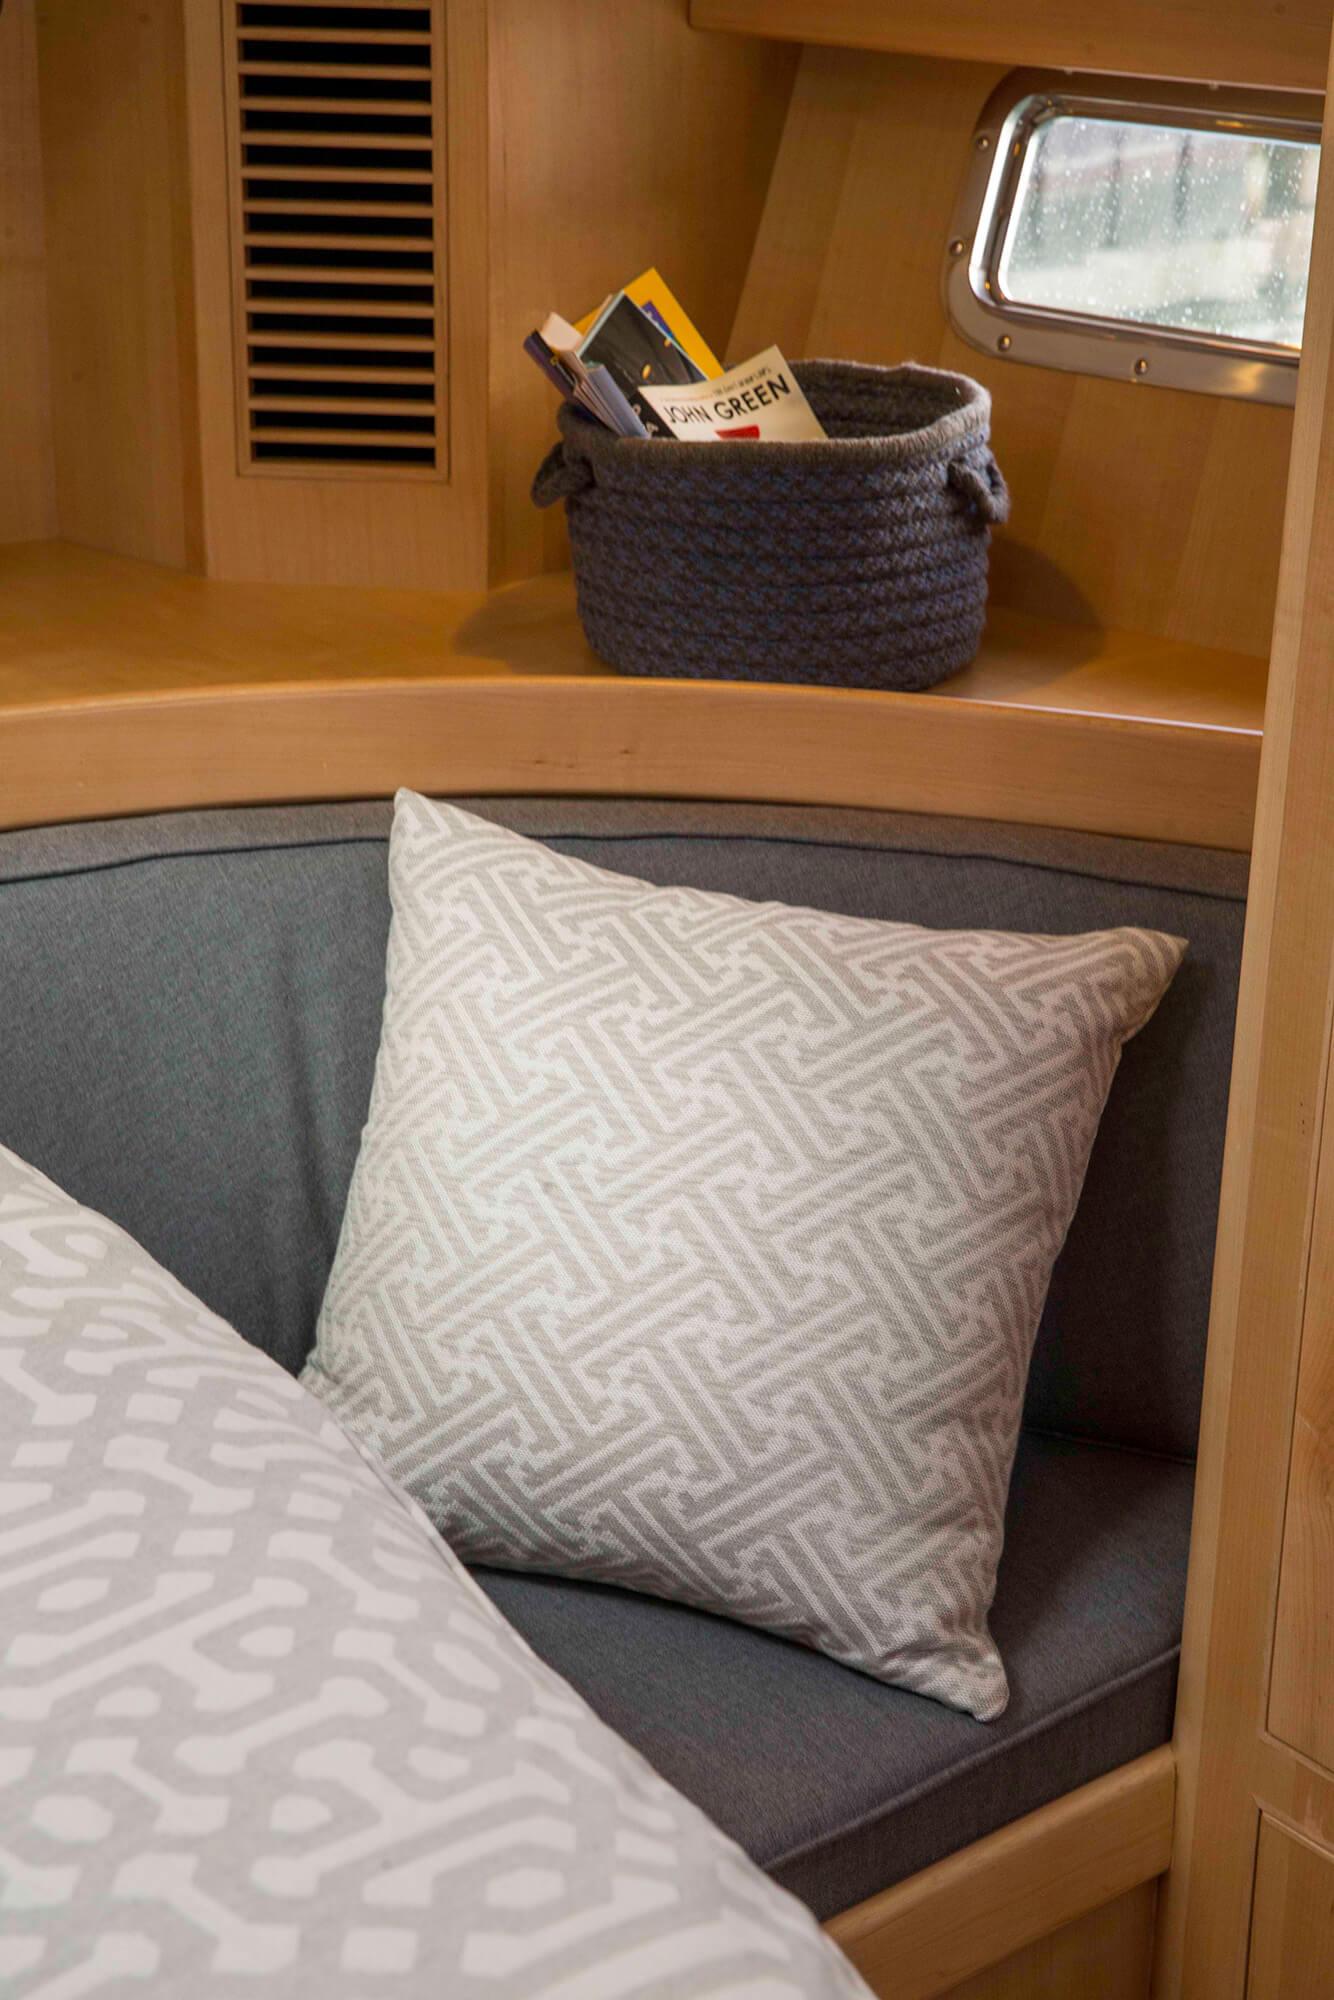 Un oreiller à motifs gris sur un coussin dans la cabine d'un voilier